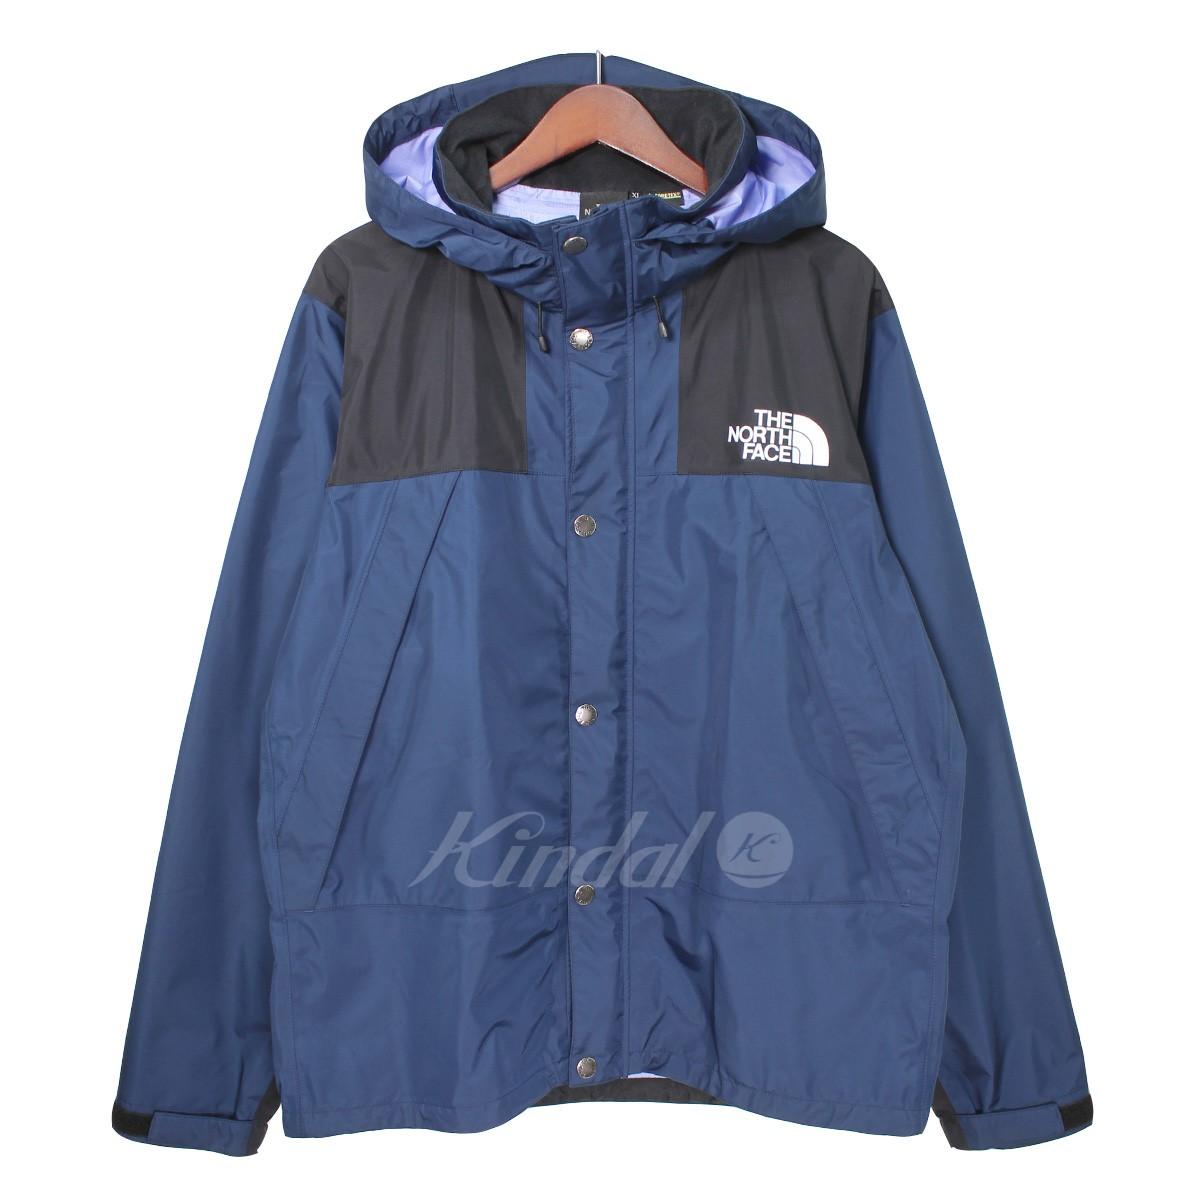 【中古】THE NORTH FACE Mountain Raintex Jacket マウンテンレインテックスジャケット ネイビー サイズ:XL 【送料無料】 【061018】(ザノースフェイス)